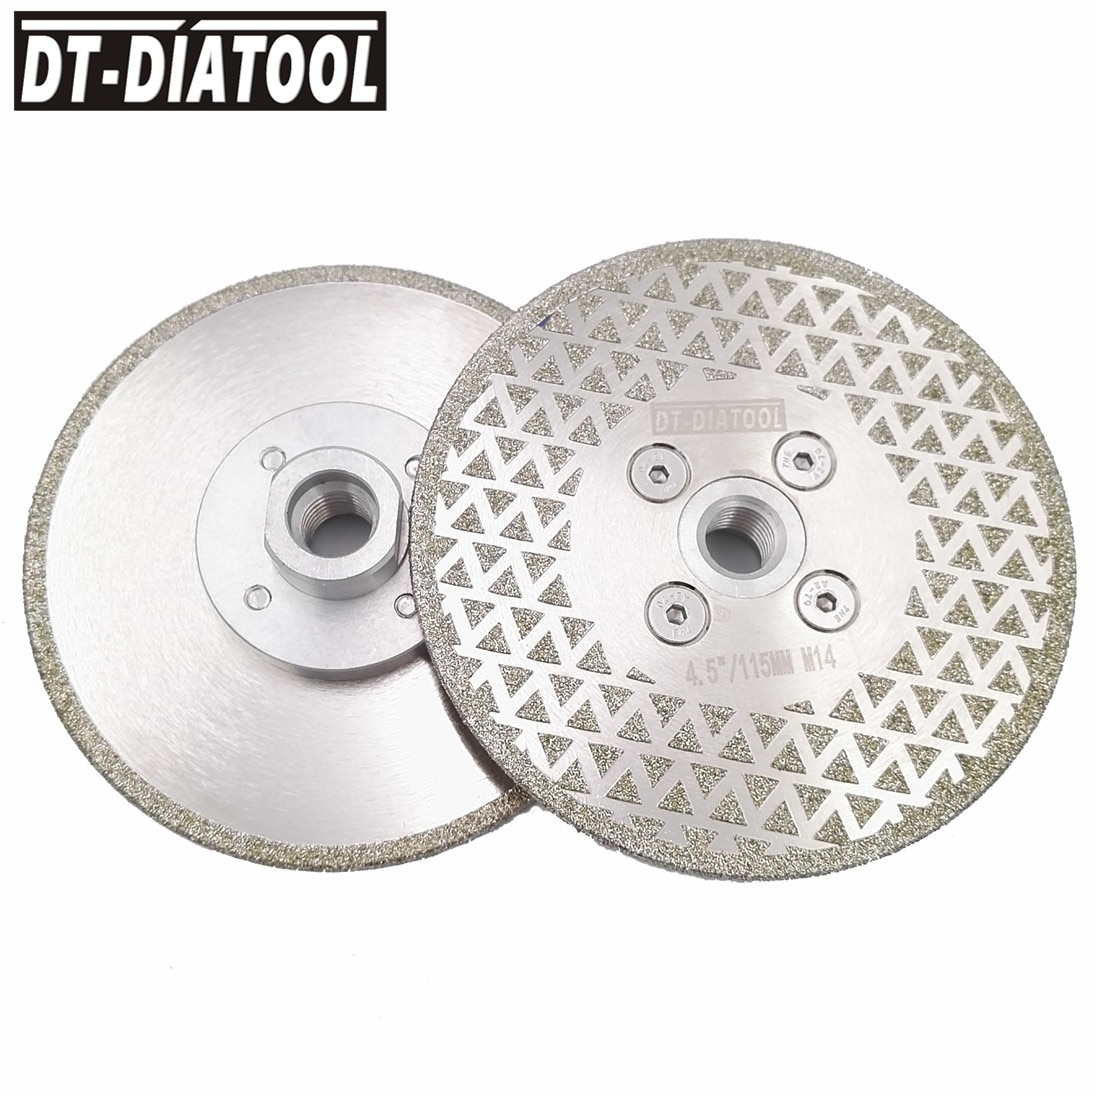 DT-DIATOOL, 2 uds., Diameter115mm, hoja de sierra de muela Disco de corte de diamante galvanizada, rosca M14 de 4,5 pulgadas, mampostería de hormigón